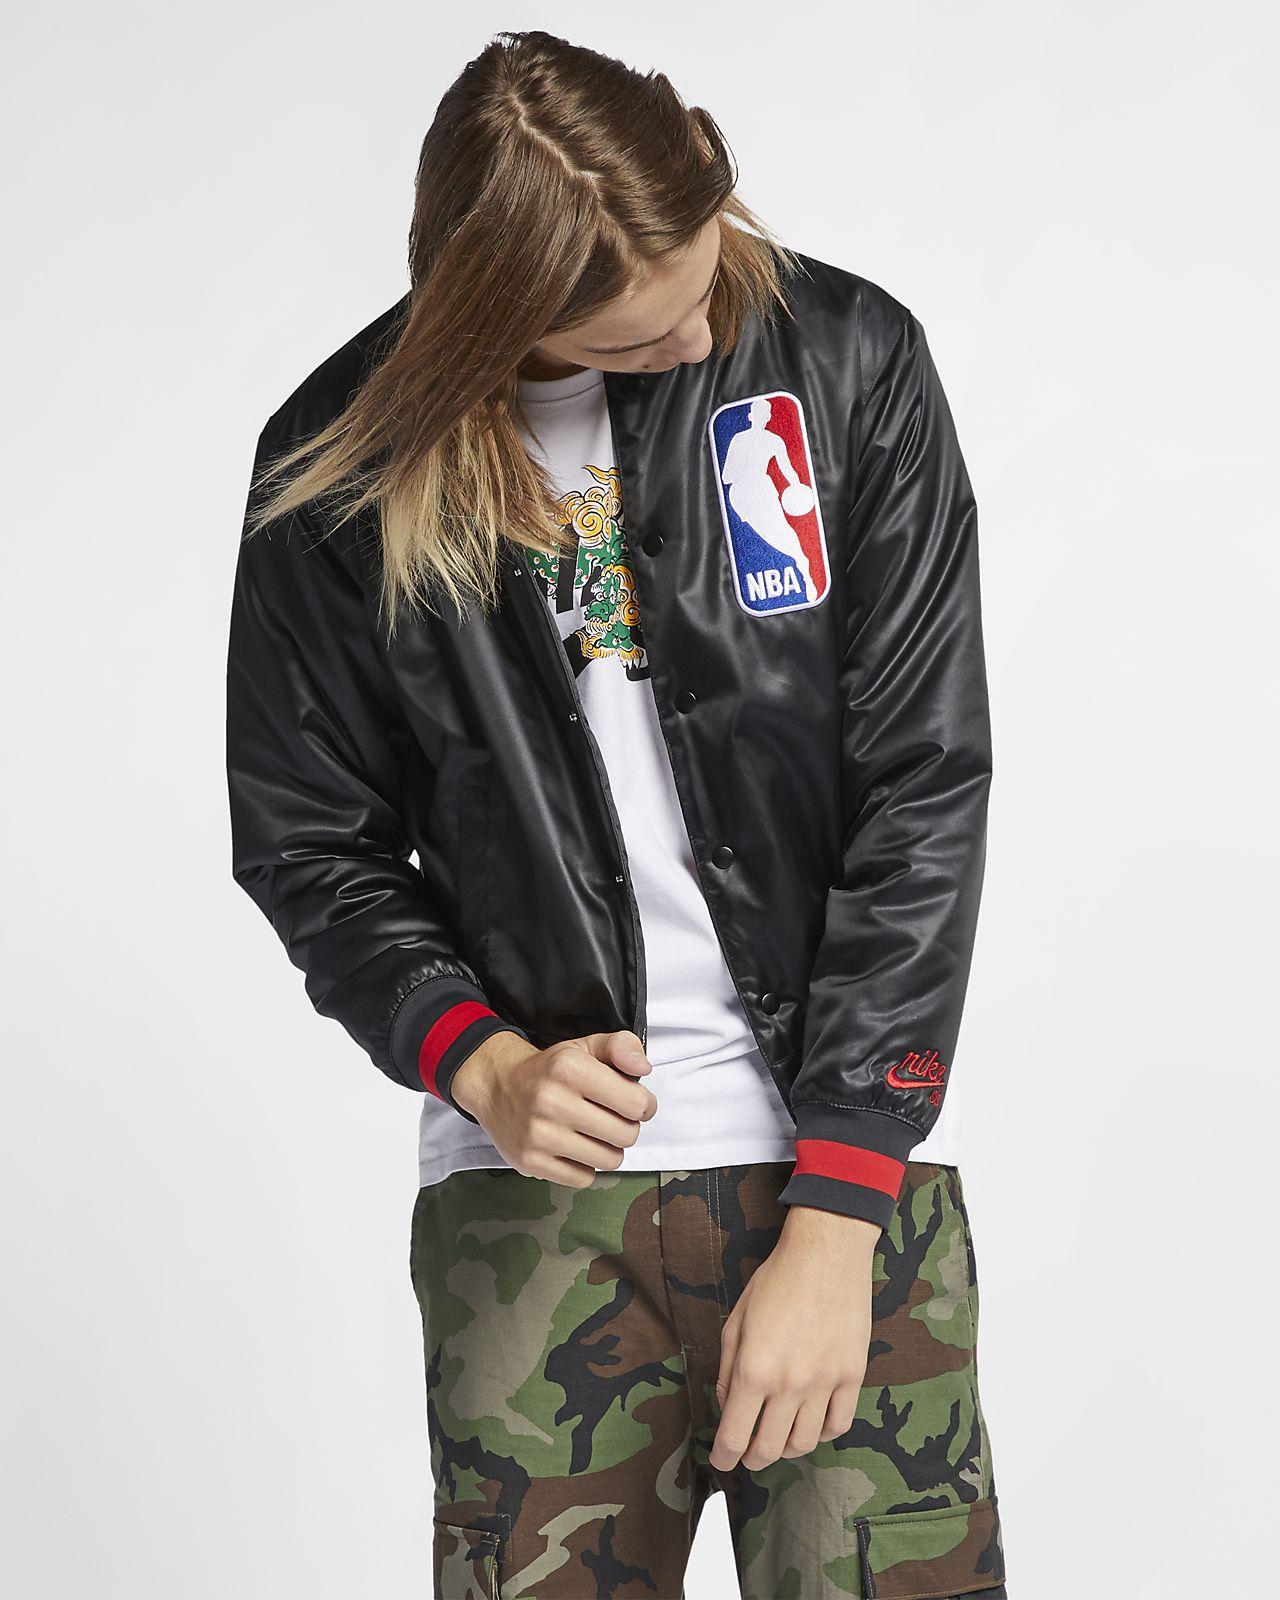 Nike SB x NBA 男子滑板夹克